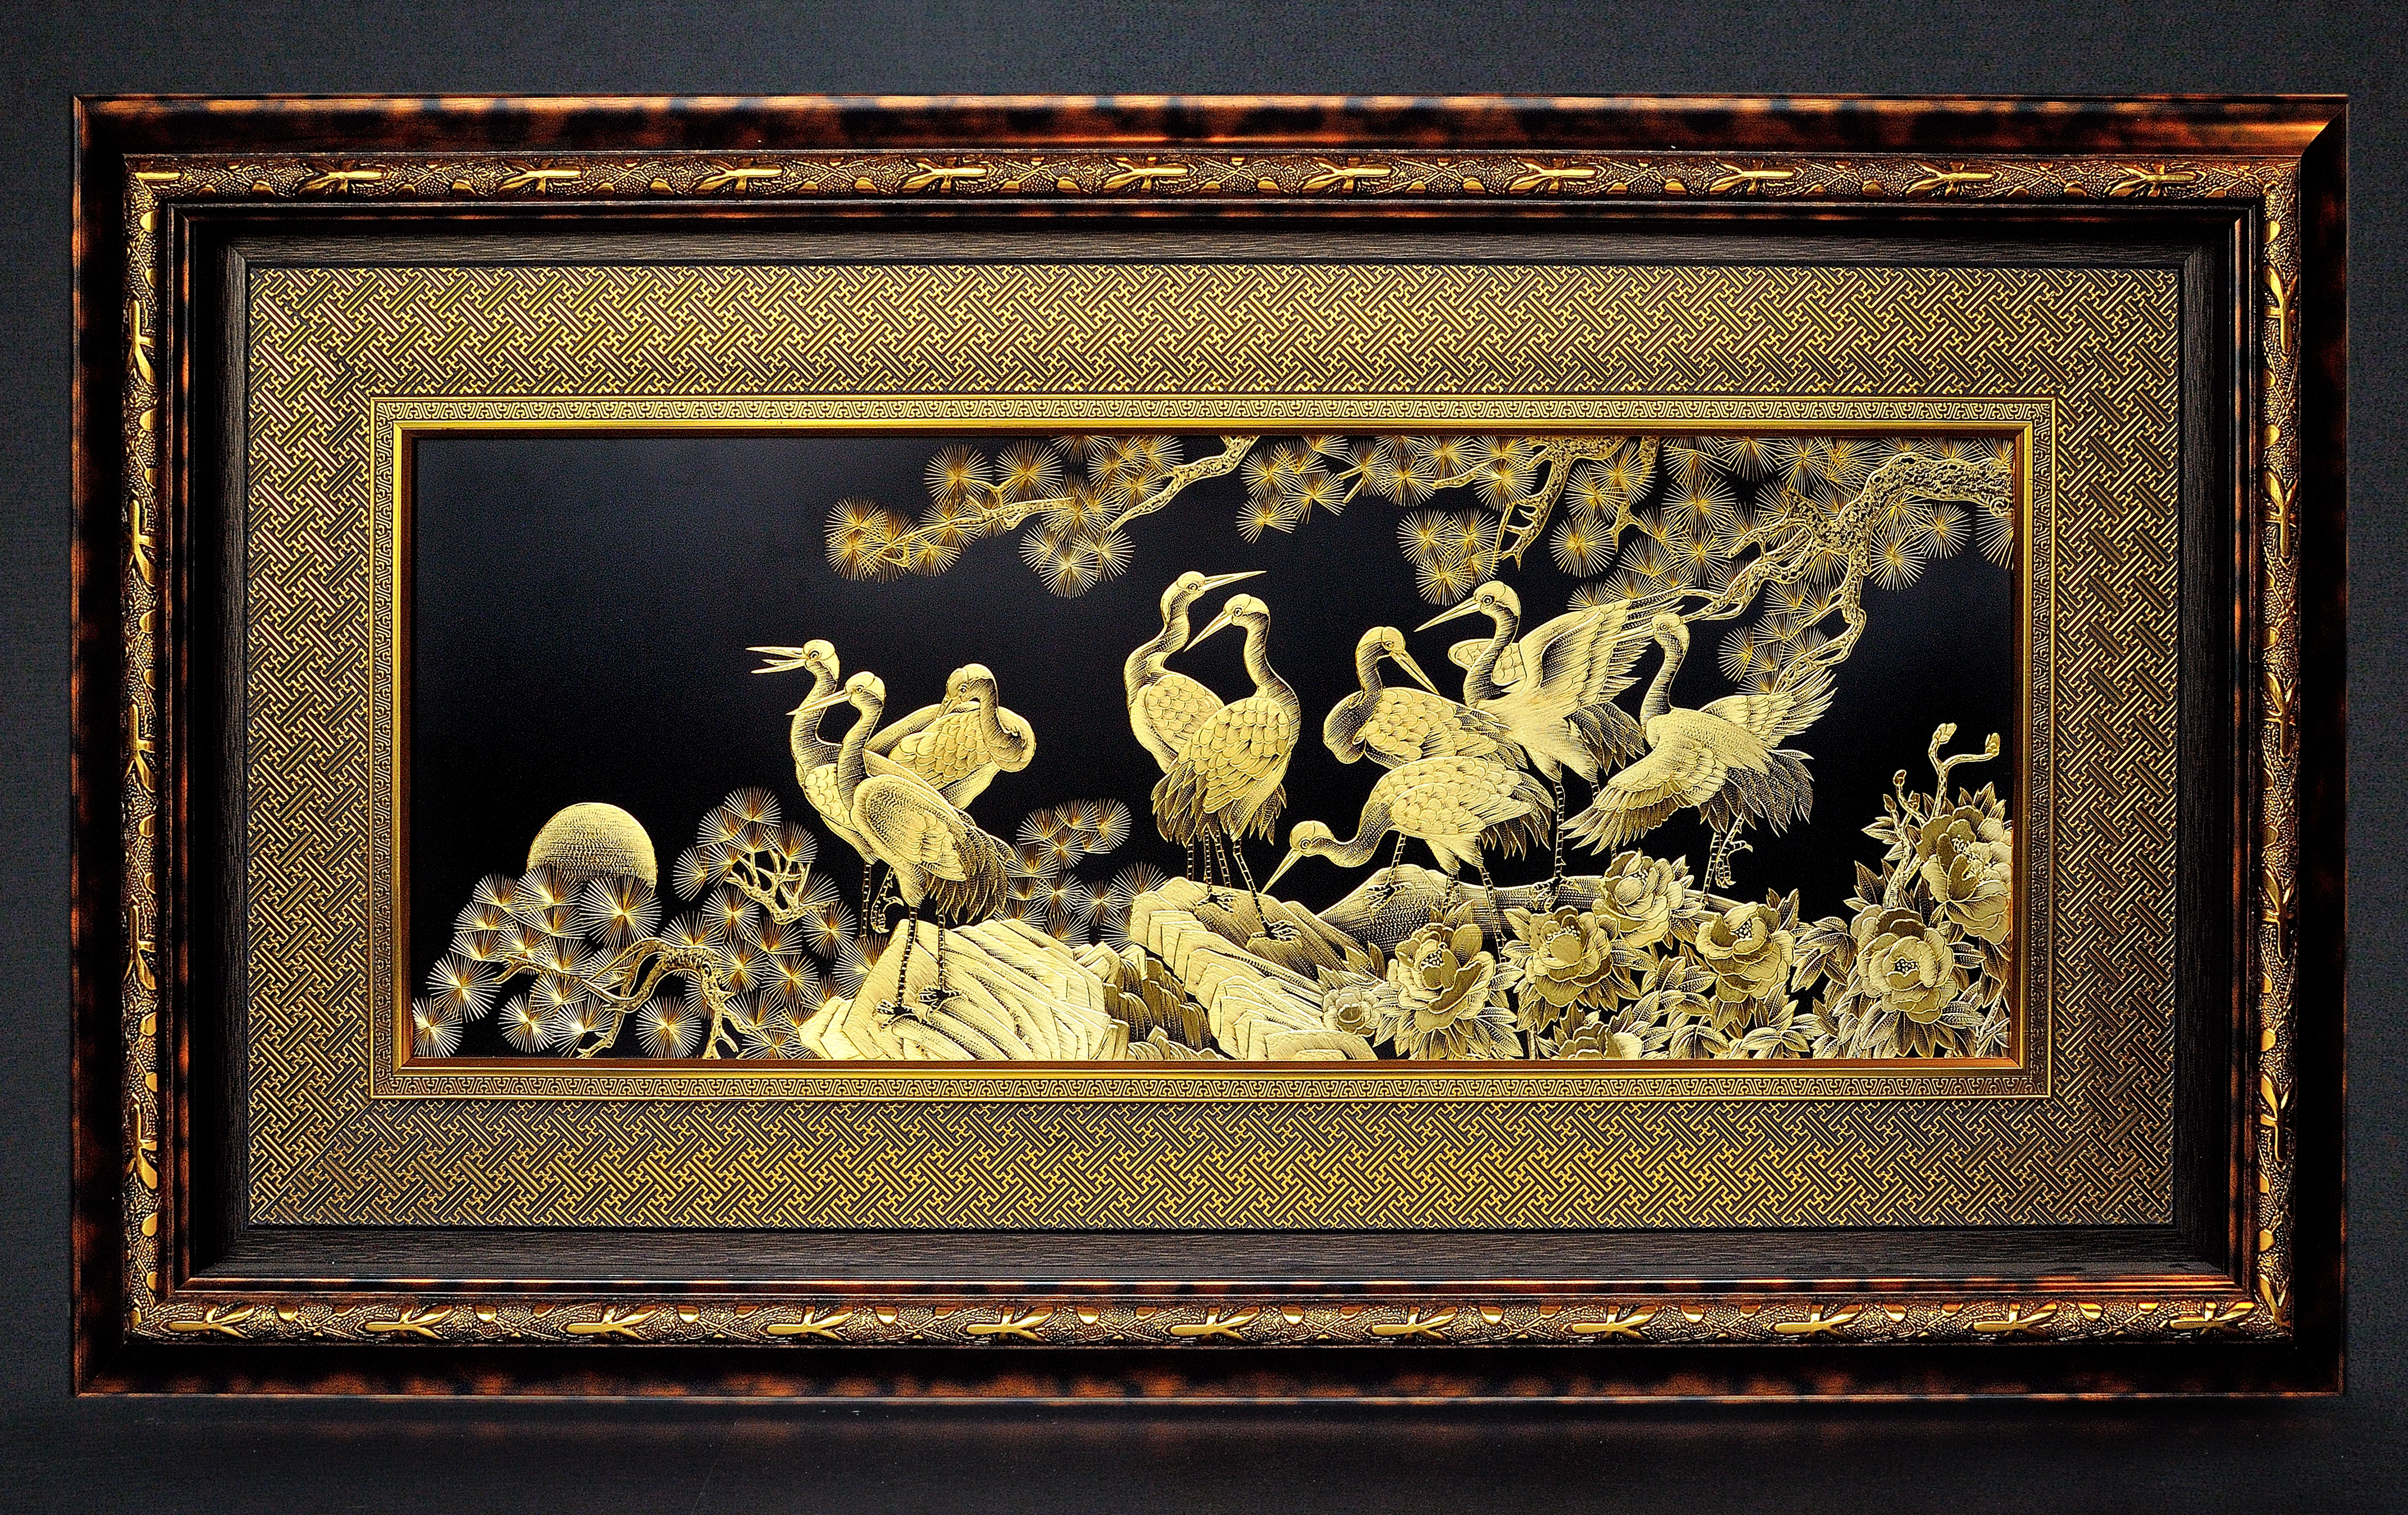 Làng nghề đúc đồng truyền thống ở vùng đất Thanh Hóa - Mạ vàng Sao Ma